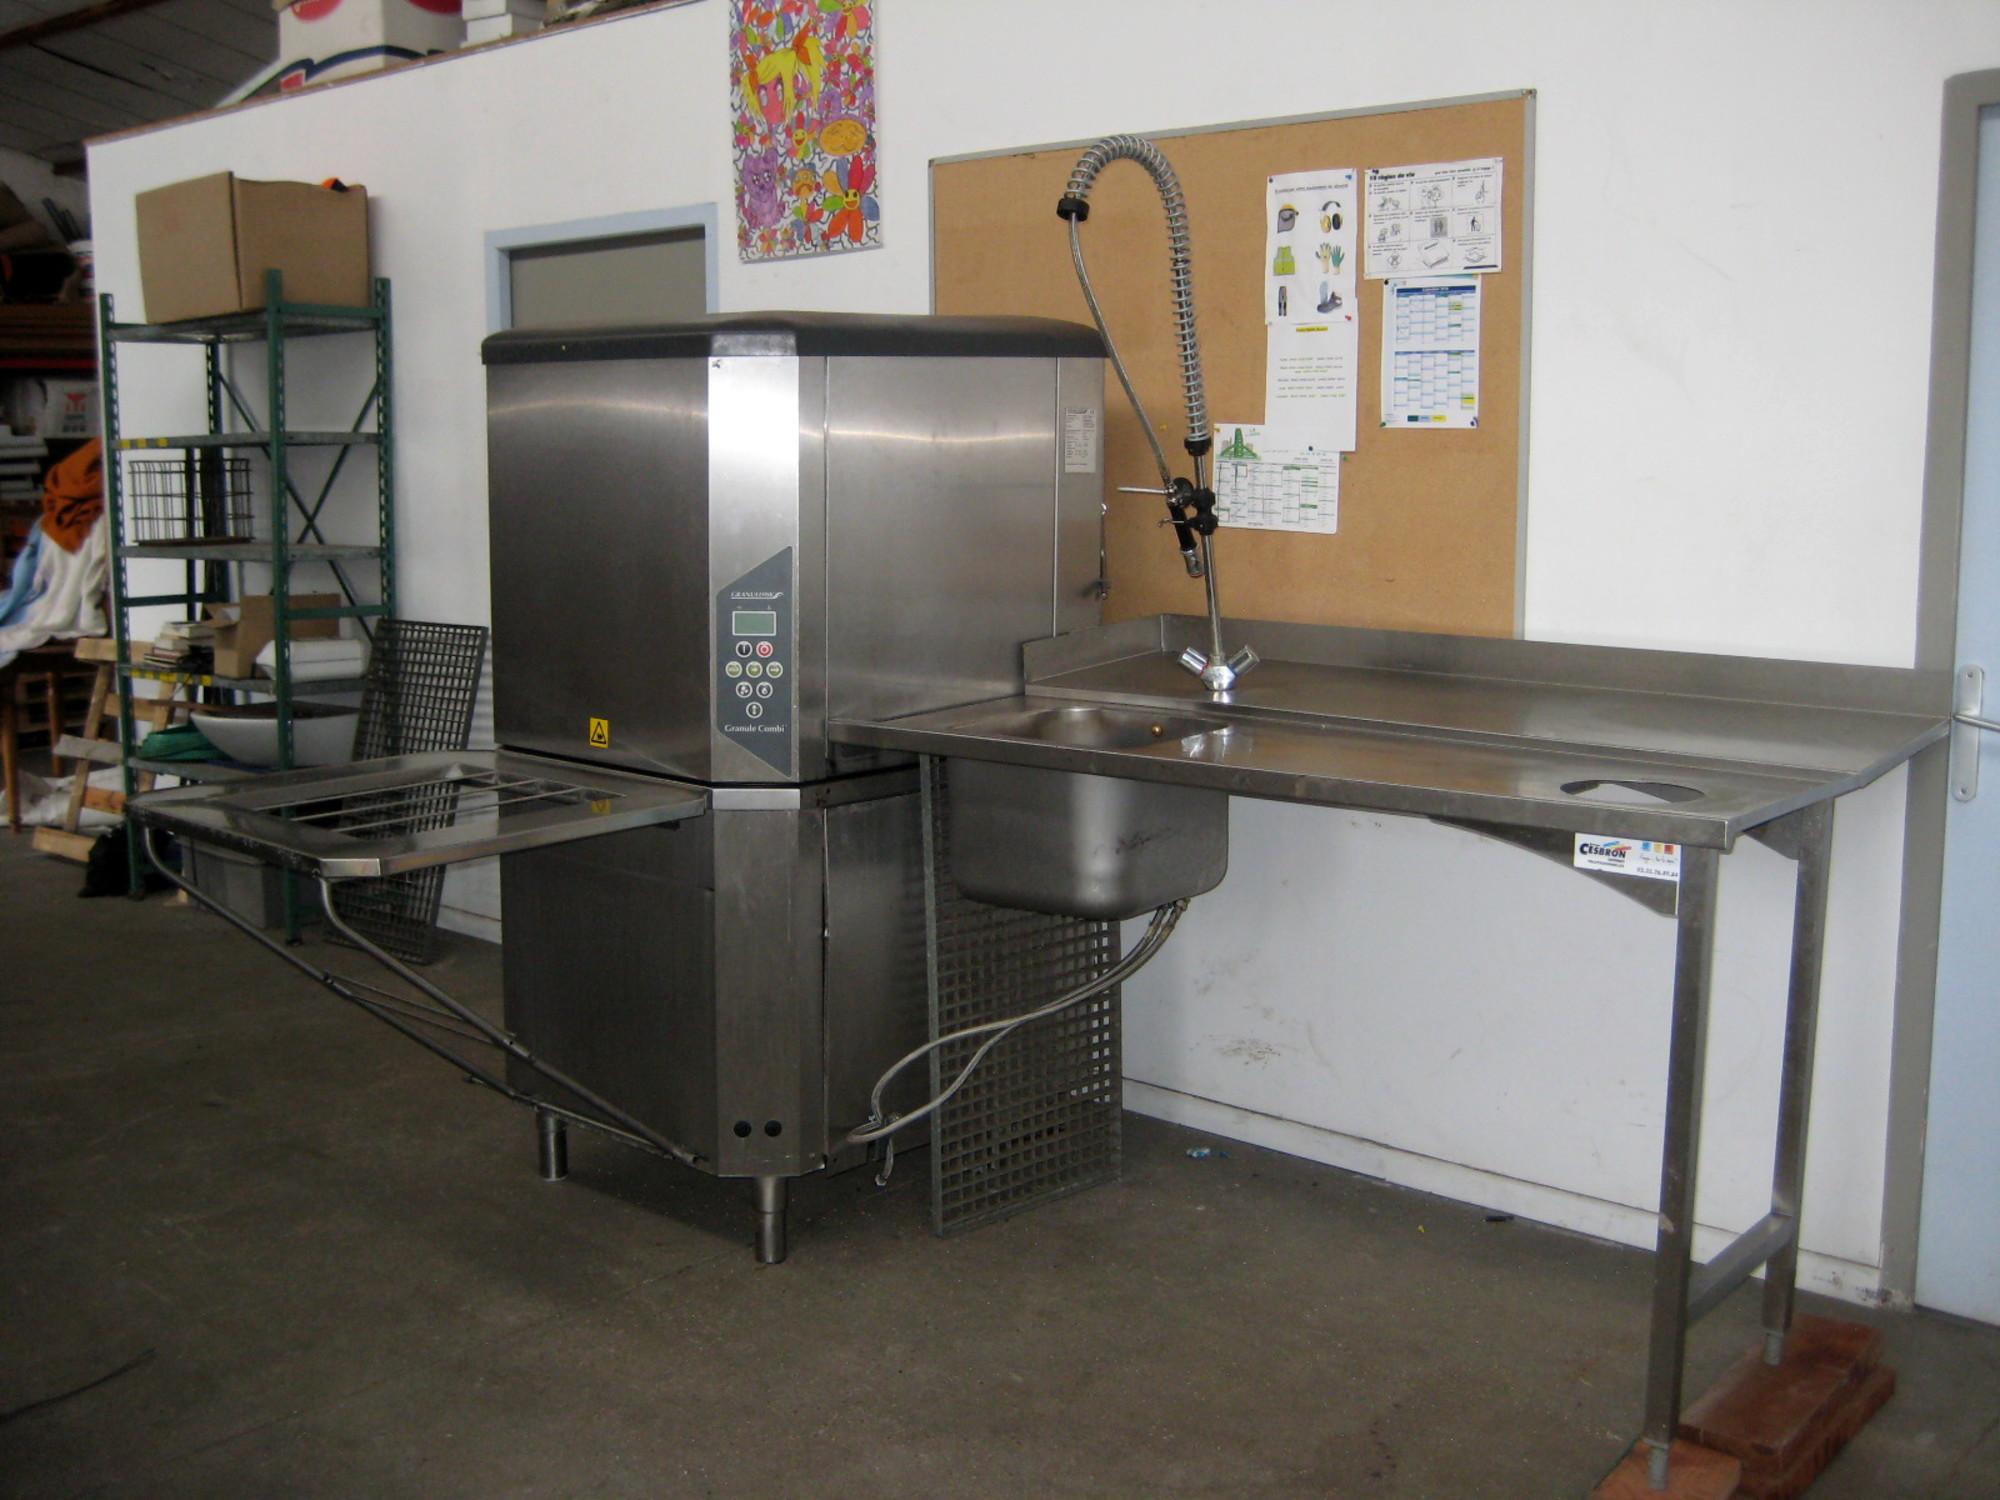 lave vaisselle granuldisk gd112 equipement de cuisine d 39 occasion aux ench res agorastore. Black Bedroom Furniture Sets. Home Design Ideas